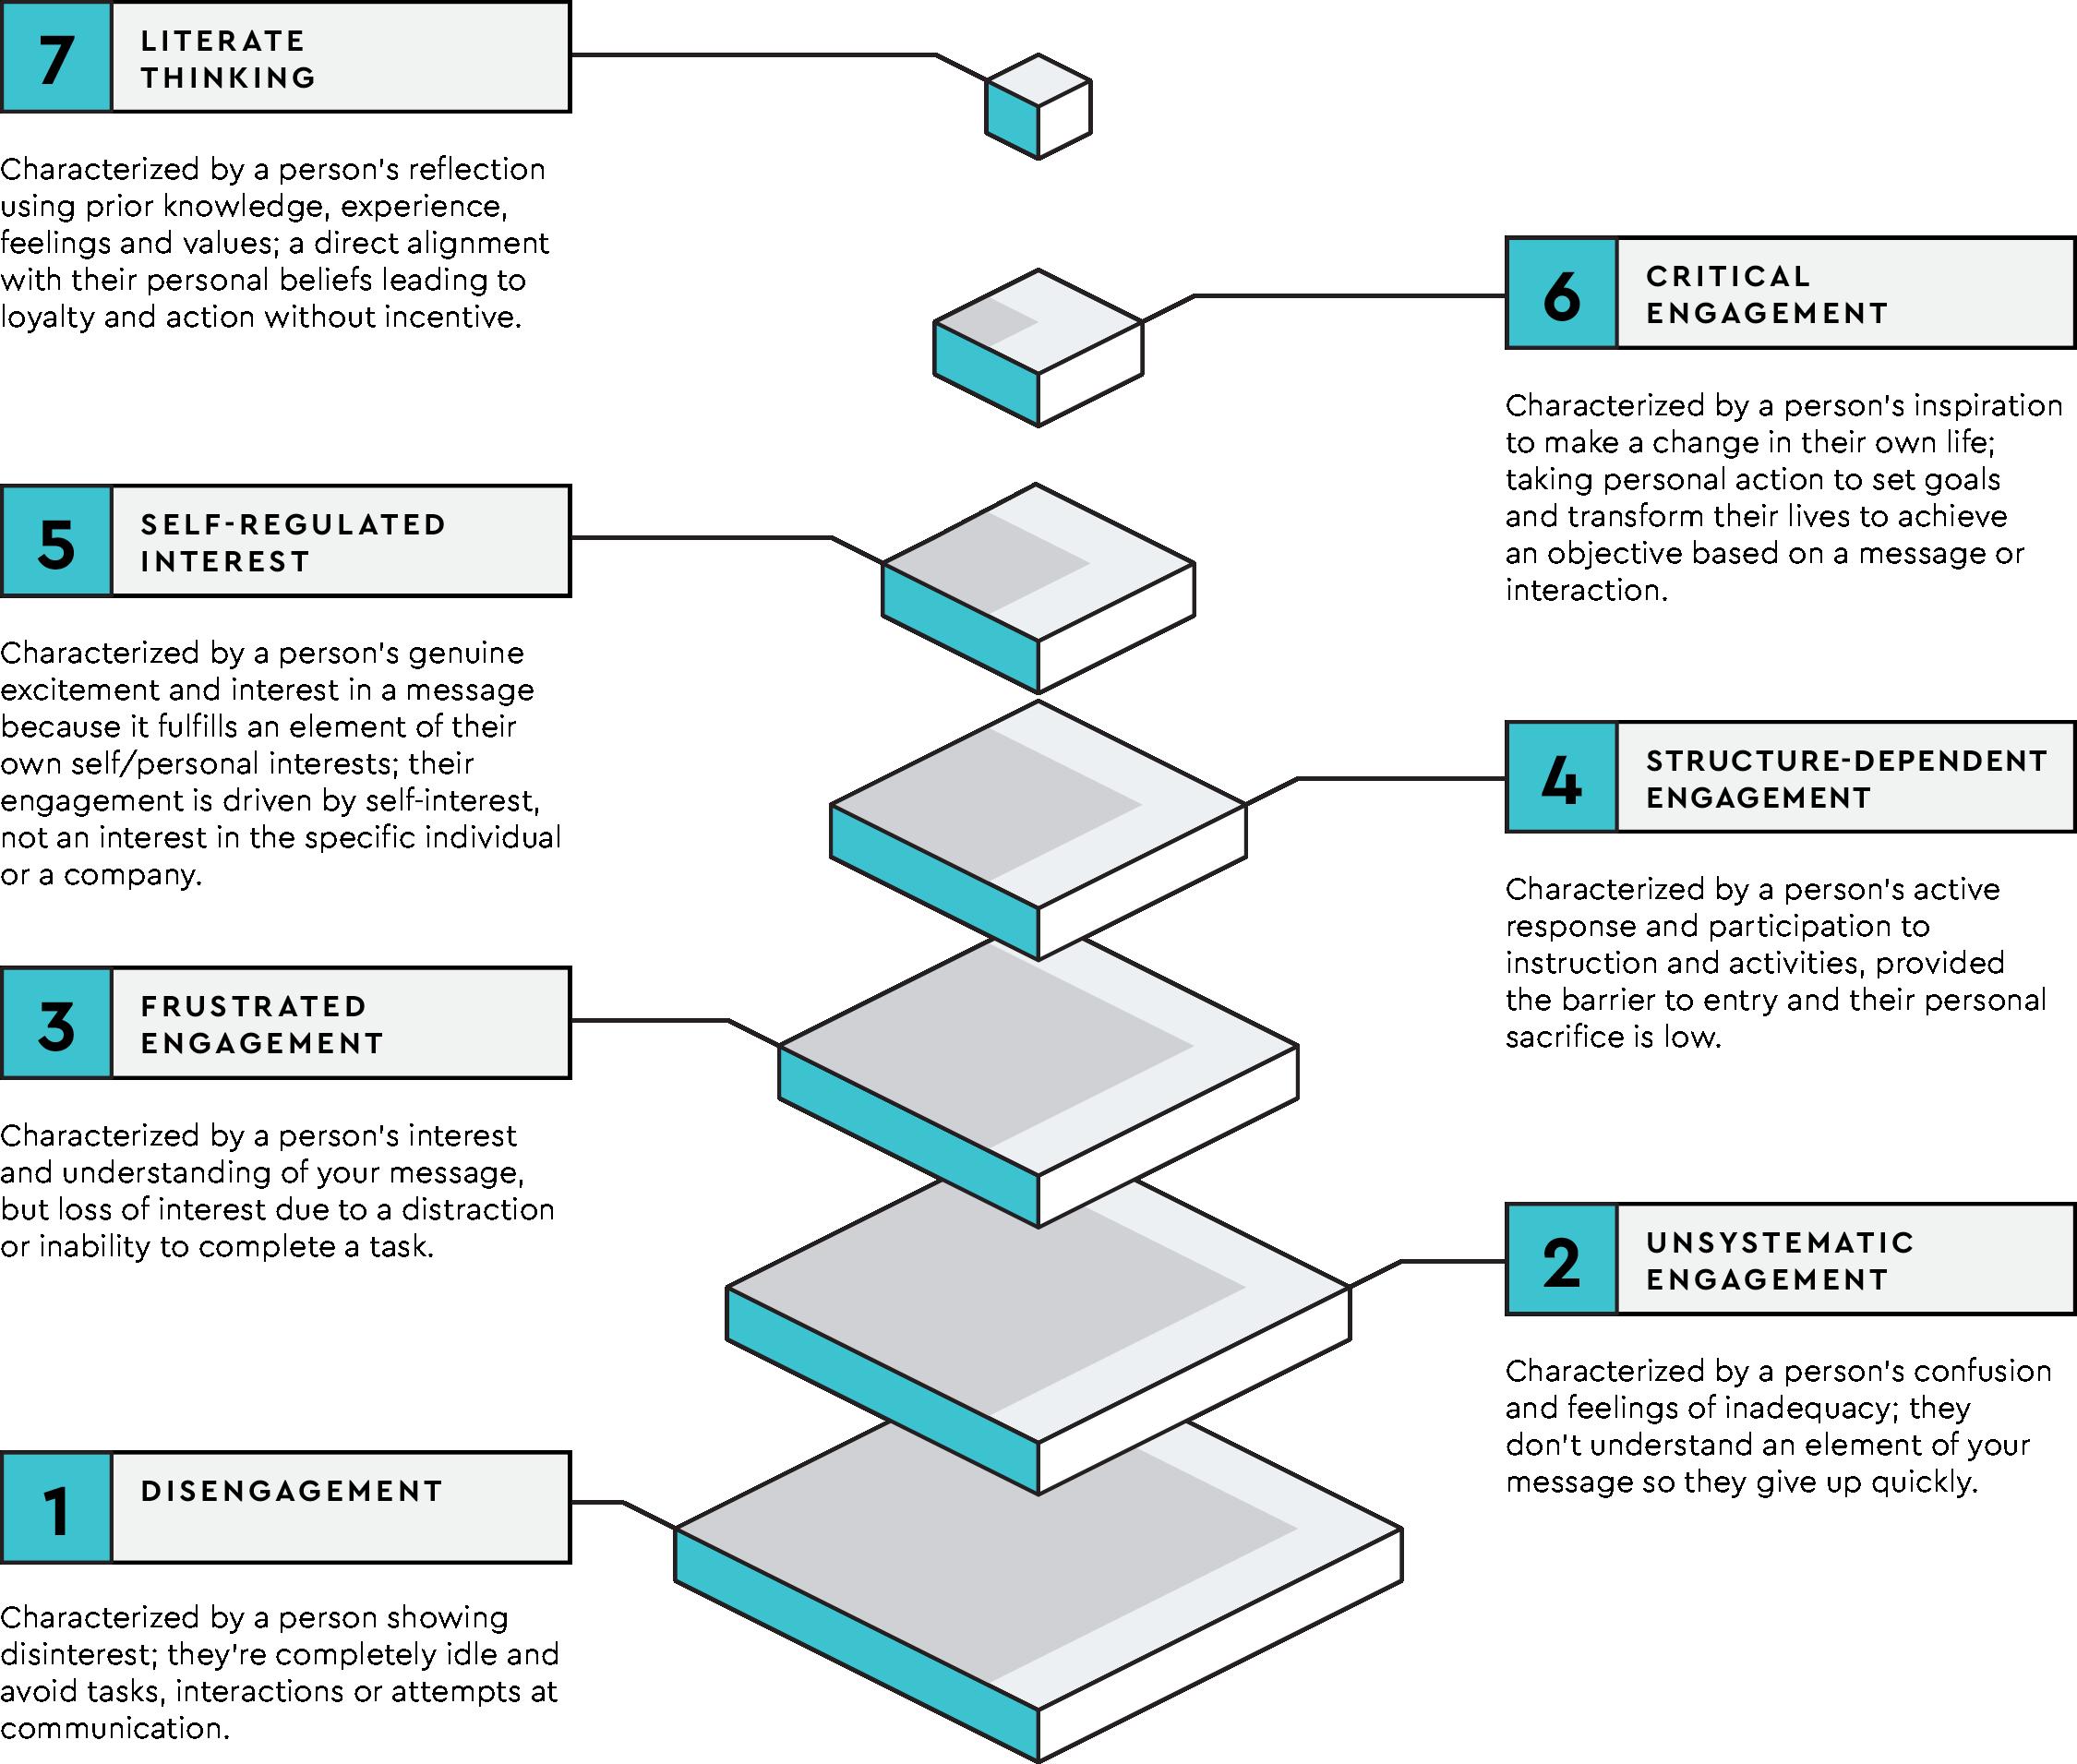 SeventhLevel-Worksheet-Graphic.png